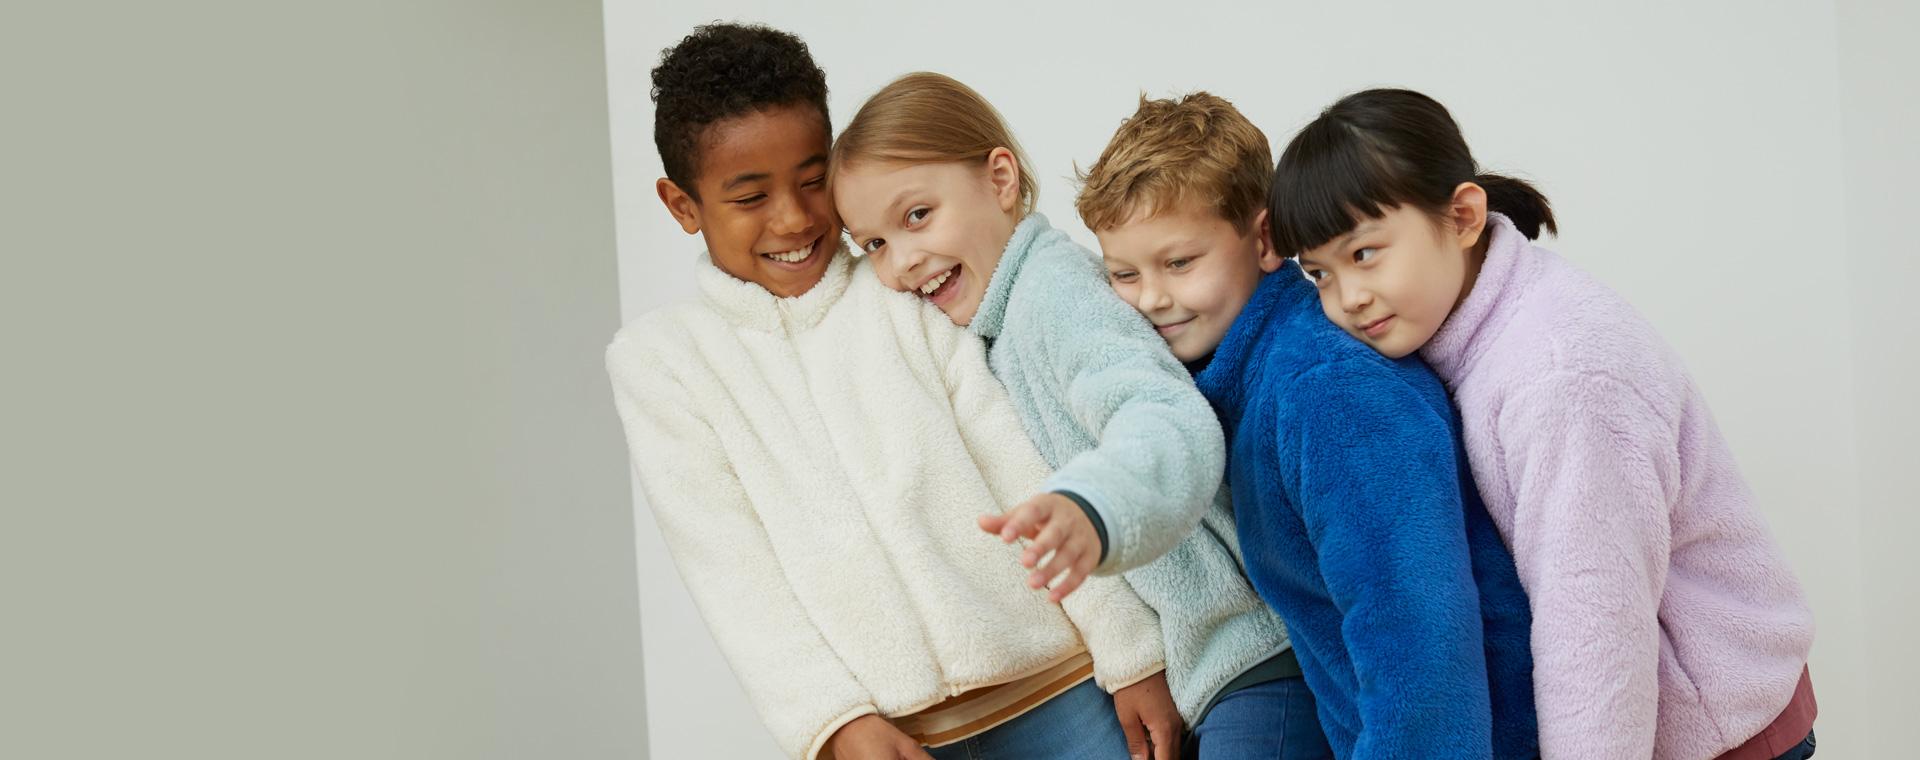 언제나 아이들의 시선으로 2021 FW kids&baby collection